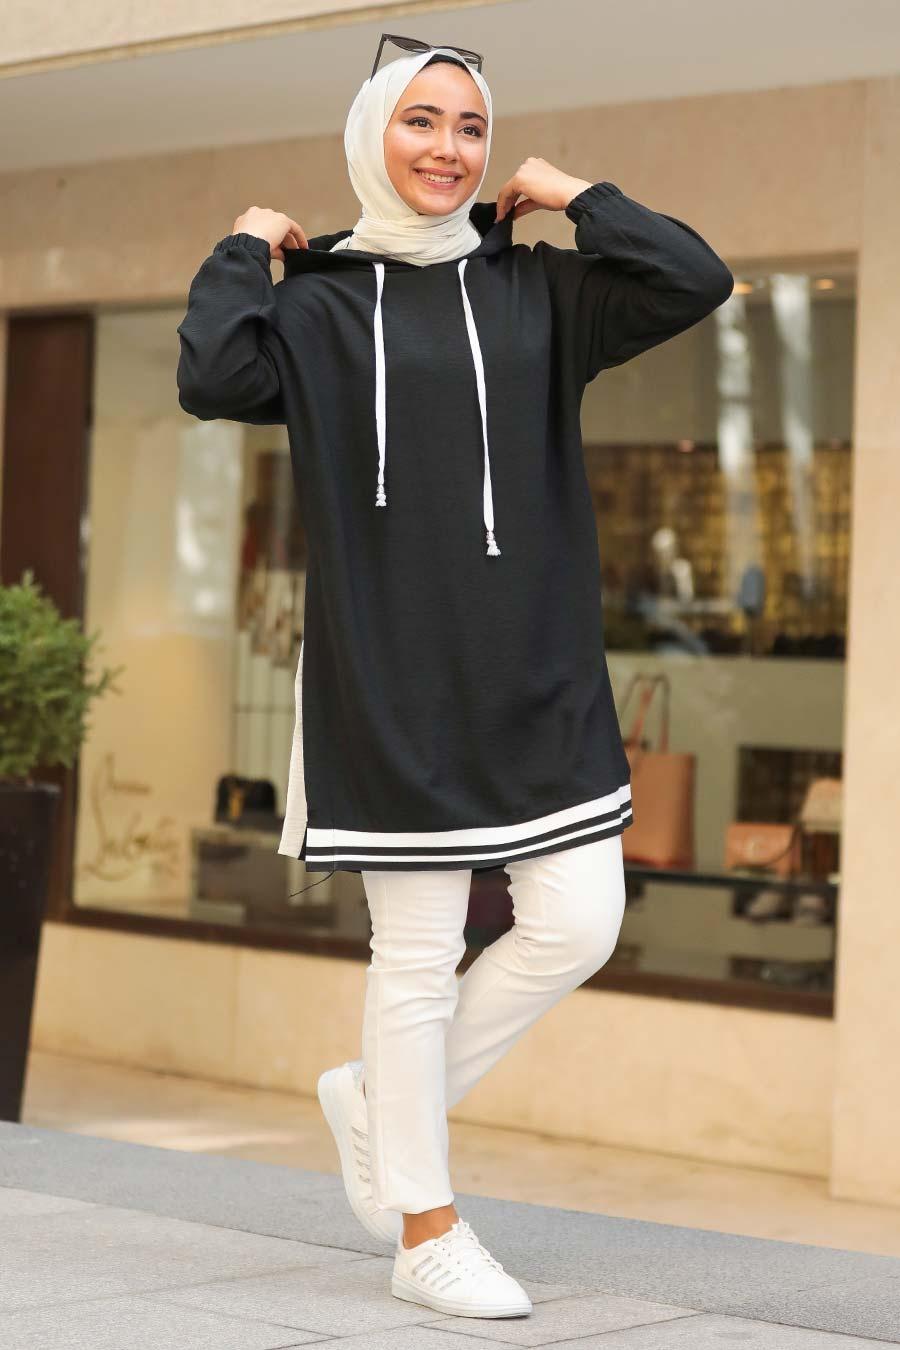 Neva Style - Kapşonlu Siyah Tesettür Sweatshirt & Tunik 23880S